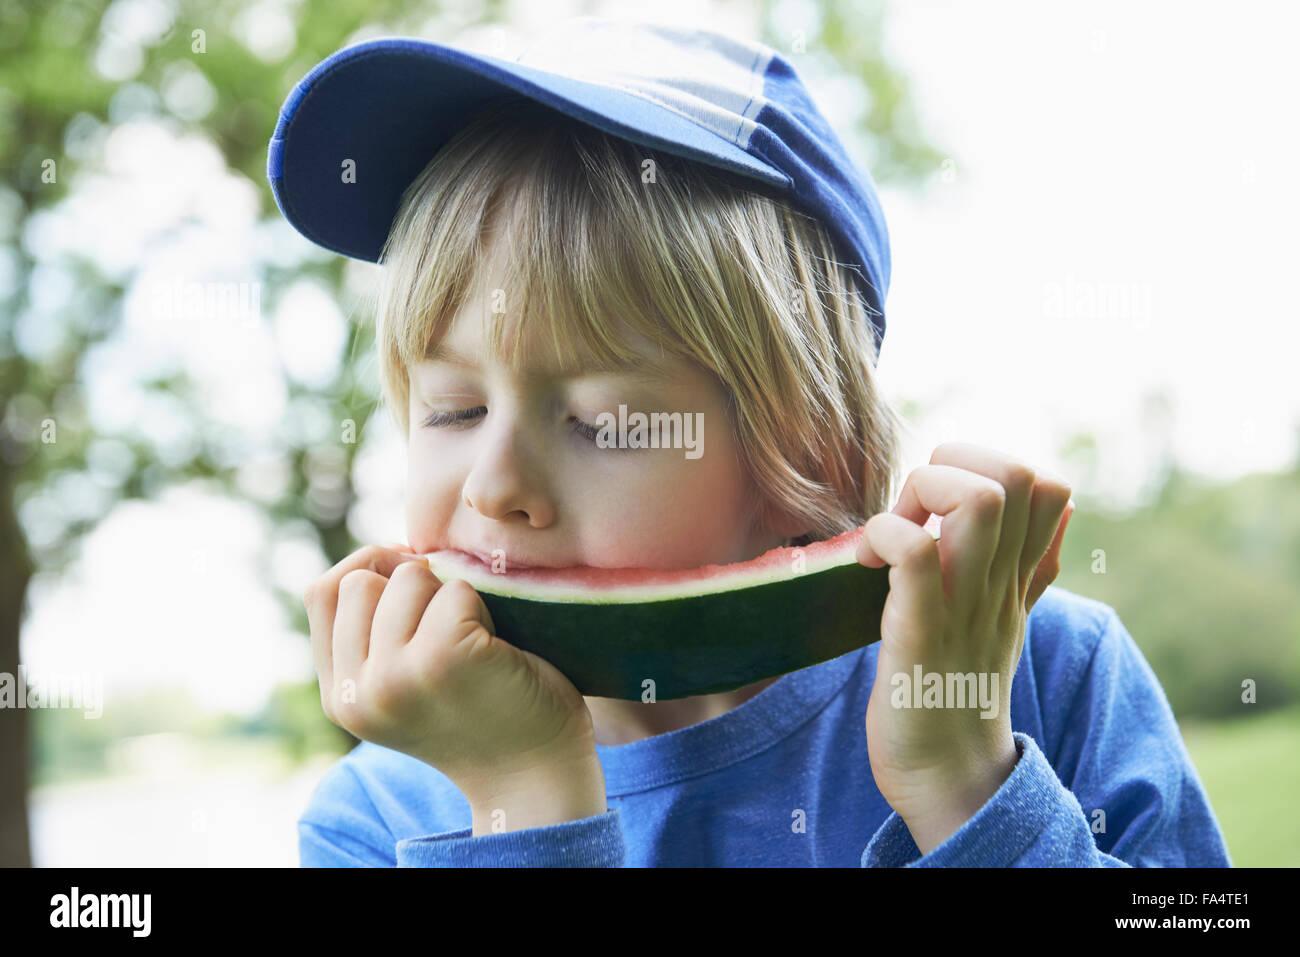 Junge genießen Scheibe Wassermelone bei Picknick, München, Bayern, Deutschland Stockbild